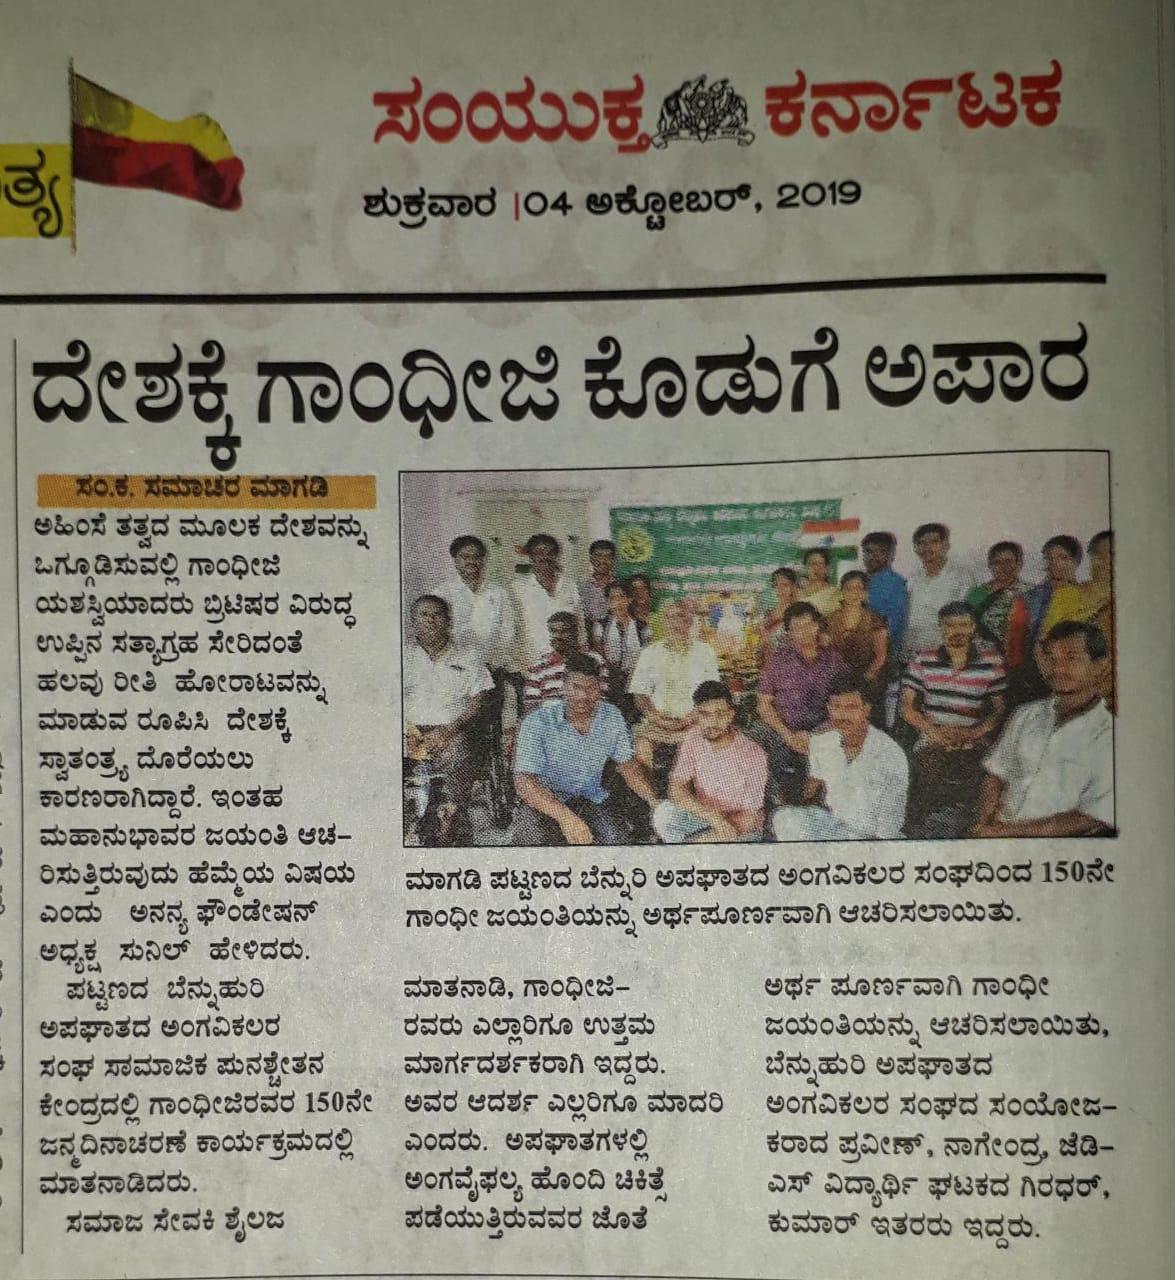 /media/krbaas/Gandhi_Jayanthi_Celebration.jpg